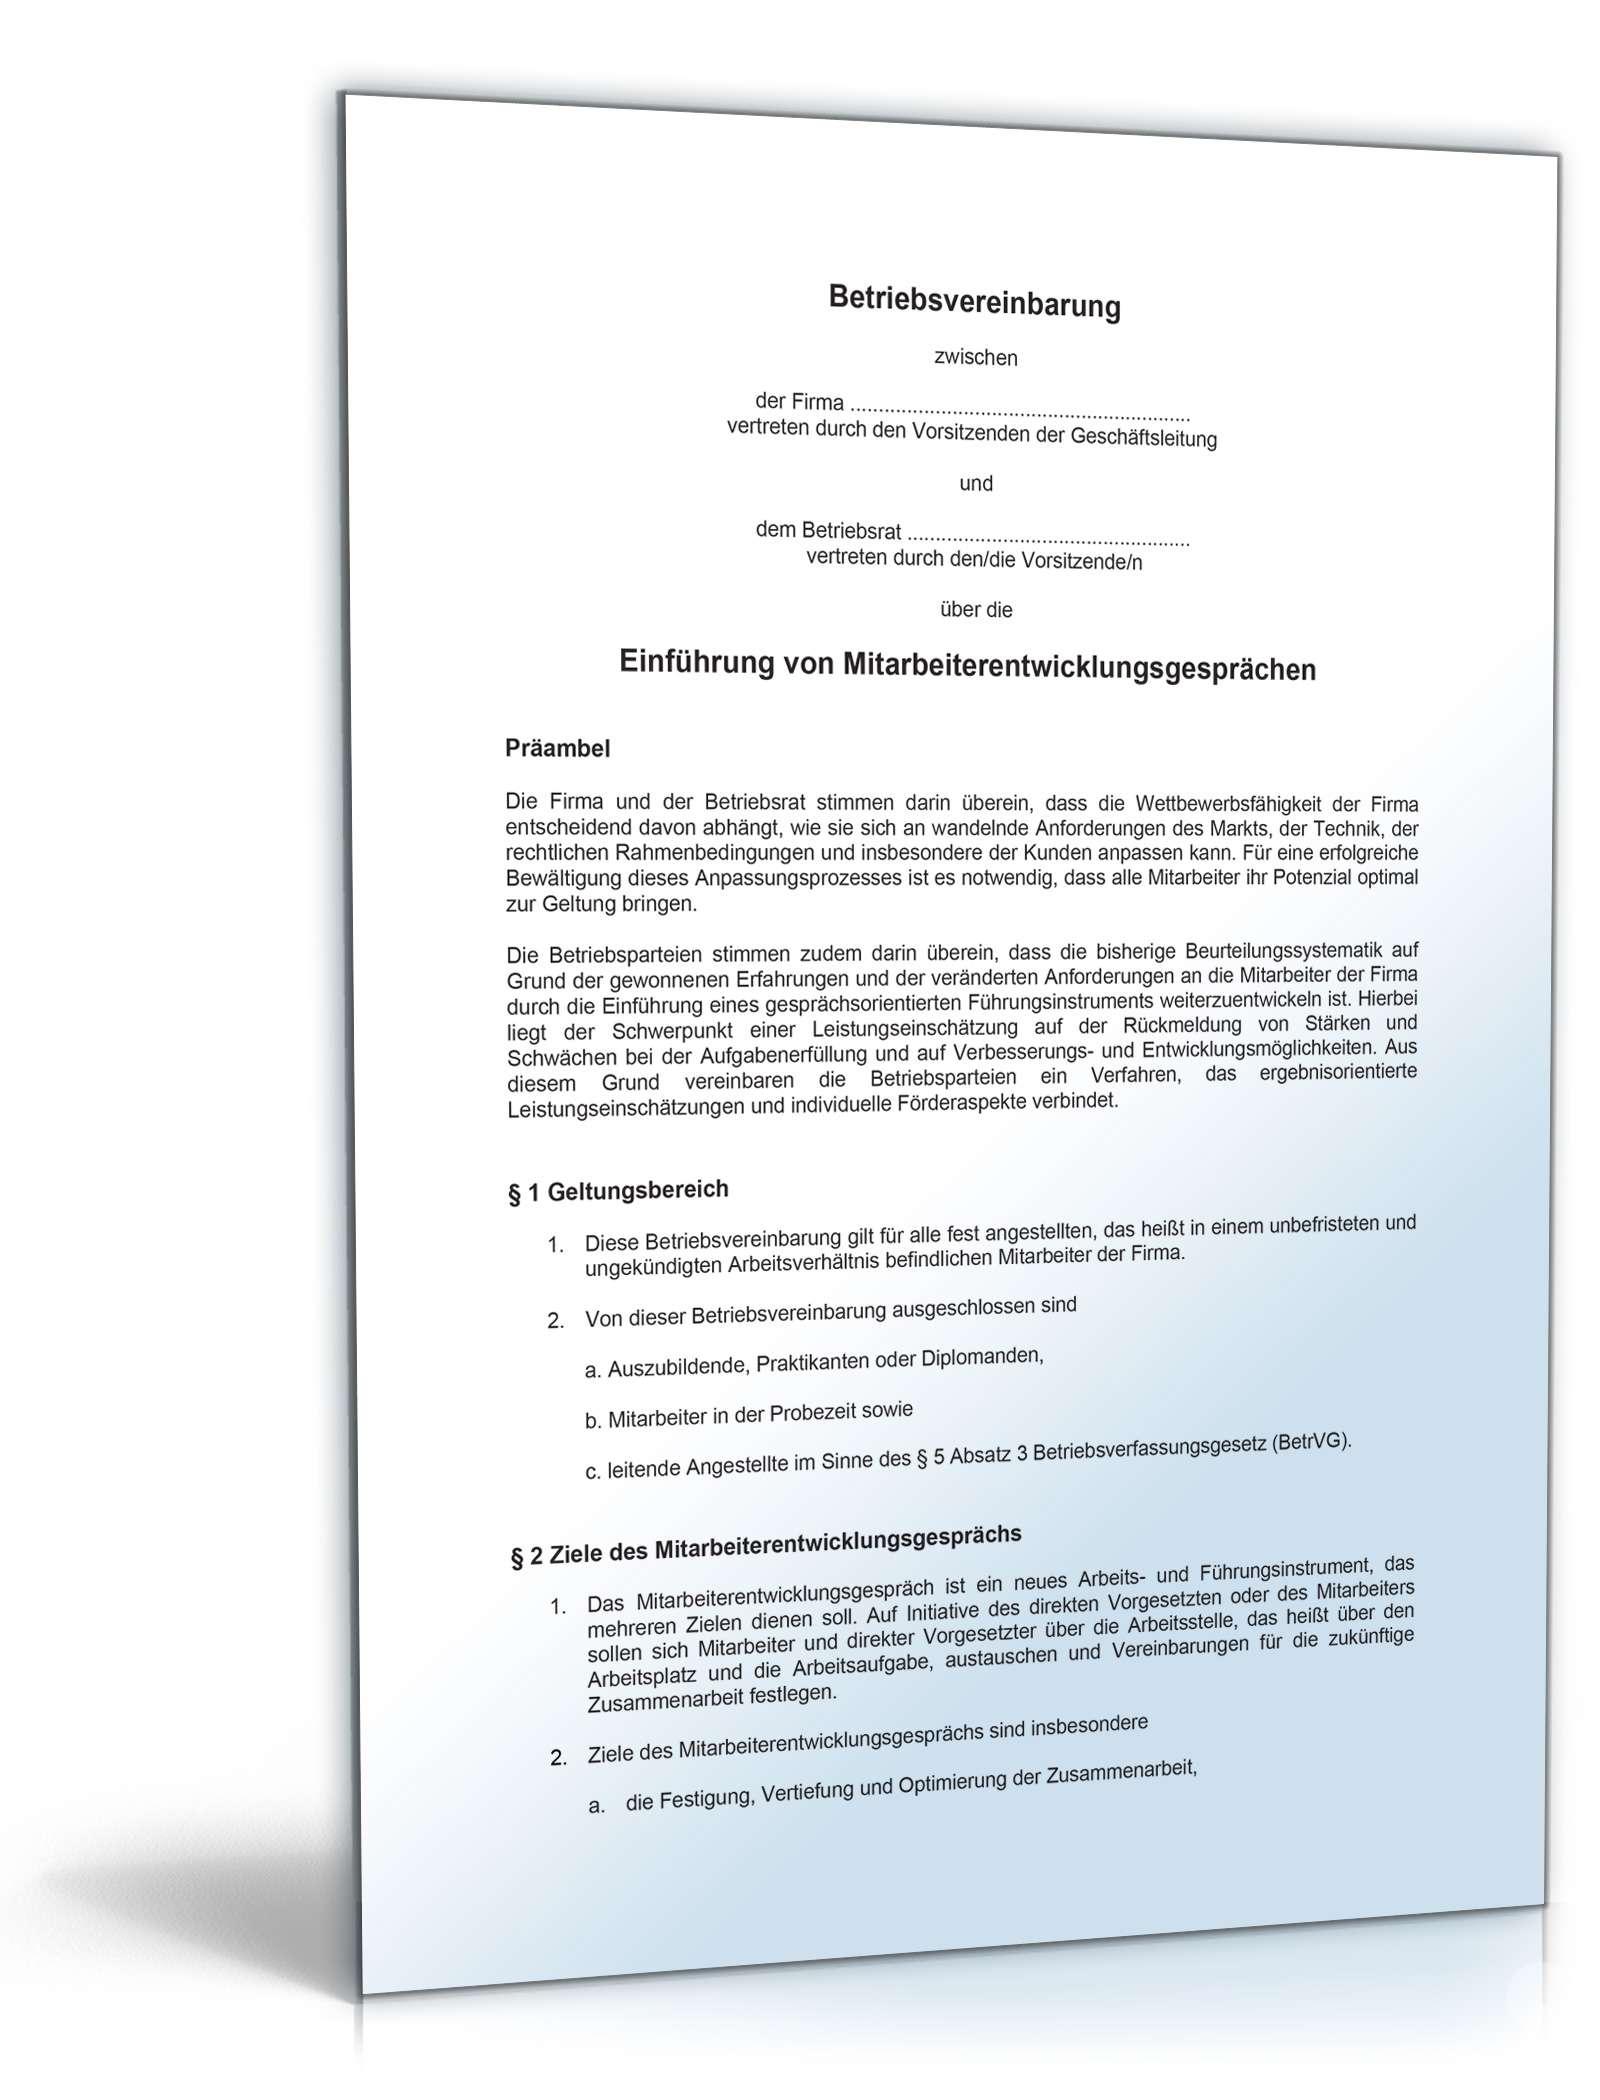 Musterbriefe Rente : Betriebsvereinbarung mitarbeiterentwicklungsgespräche